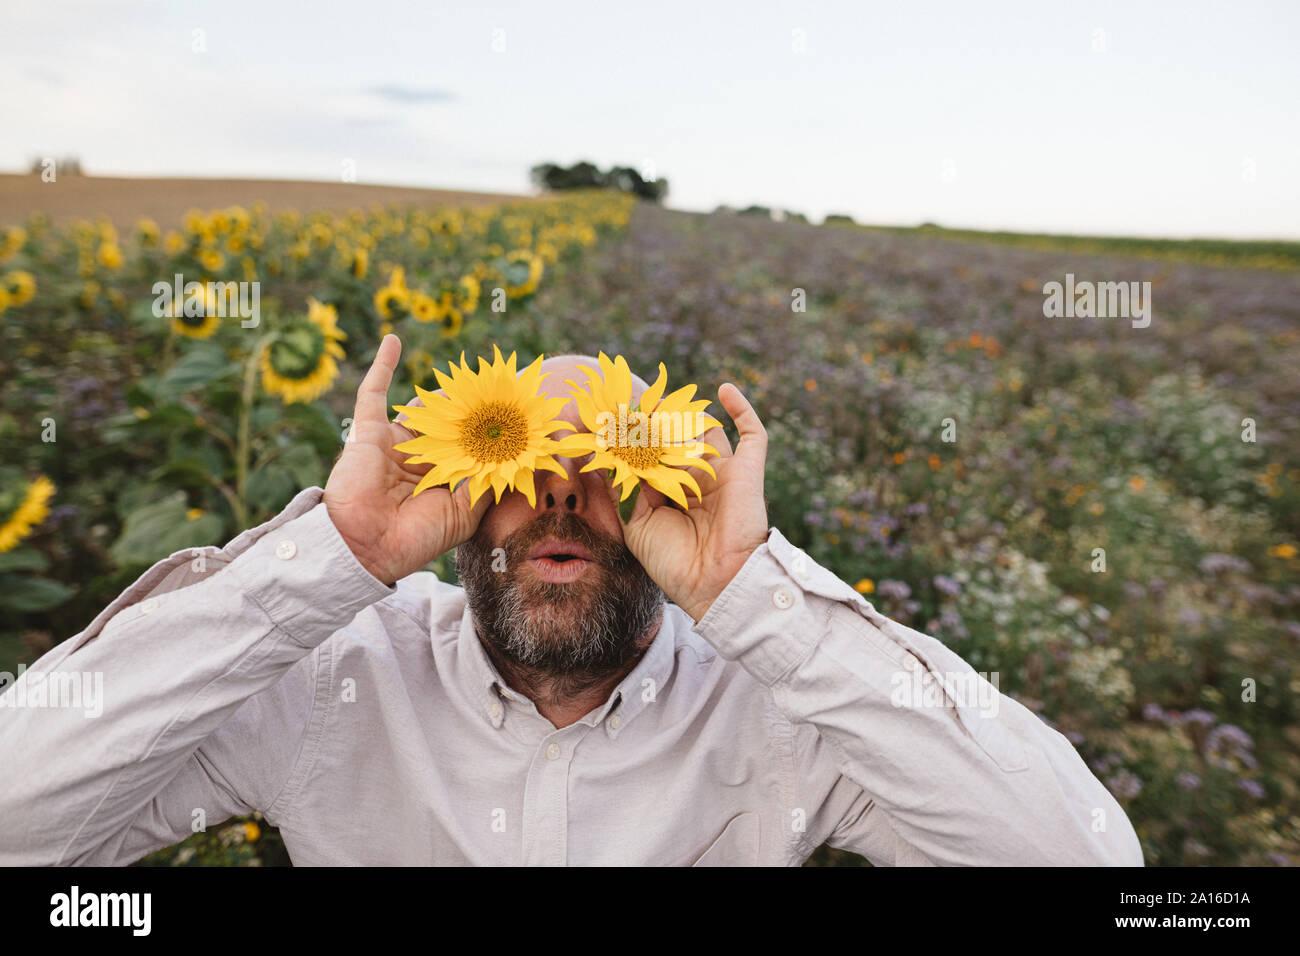 Giocoso uomo che copre la sua gli occhi con girasoli in un campo Foto Stock